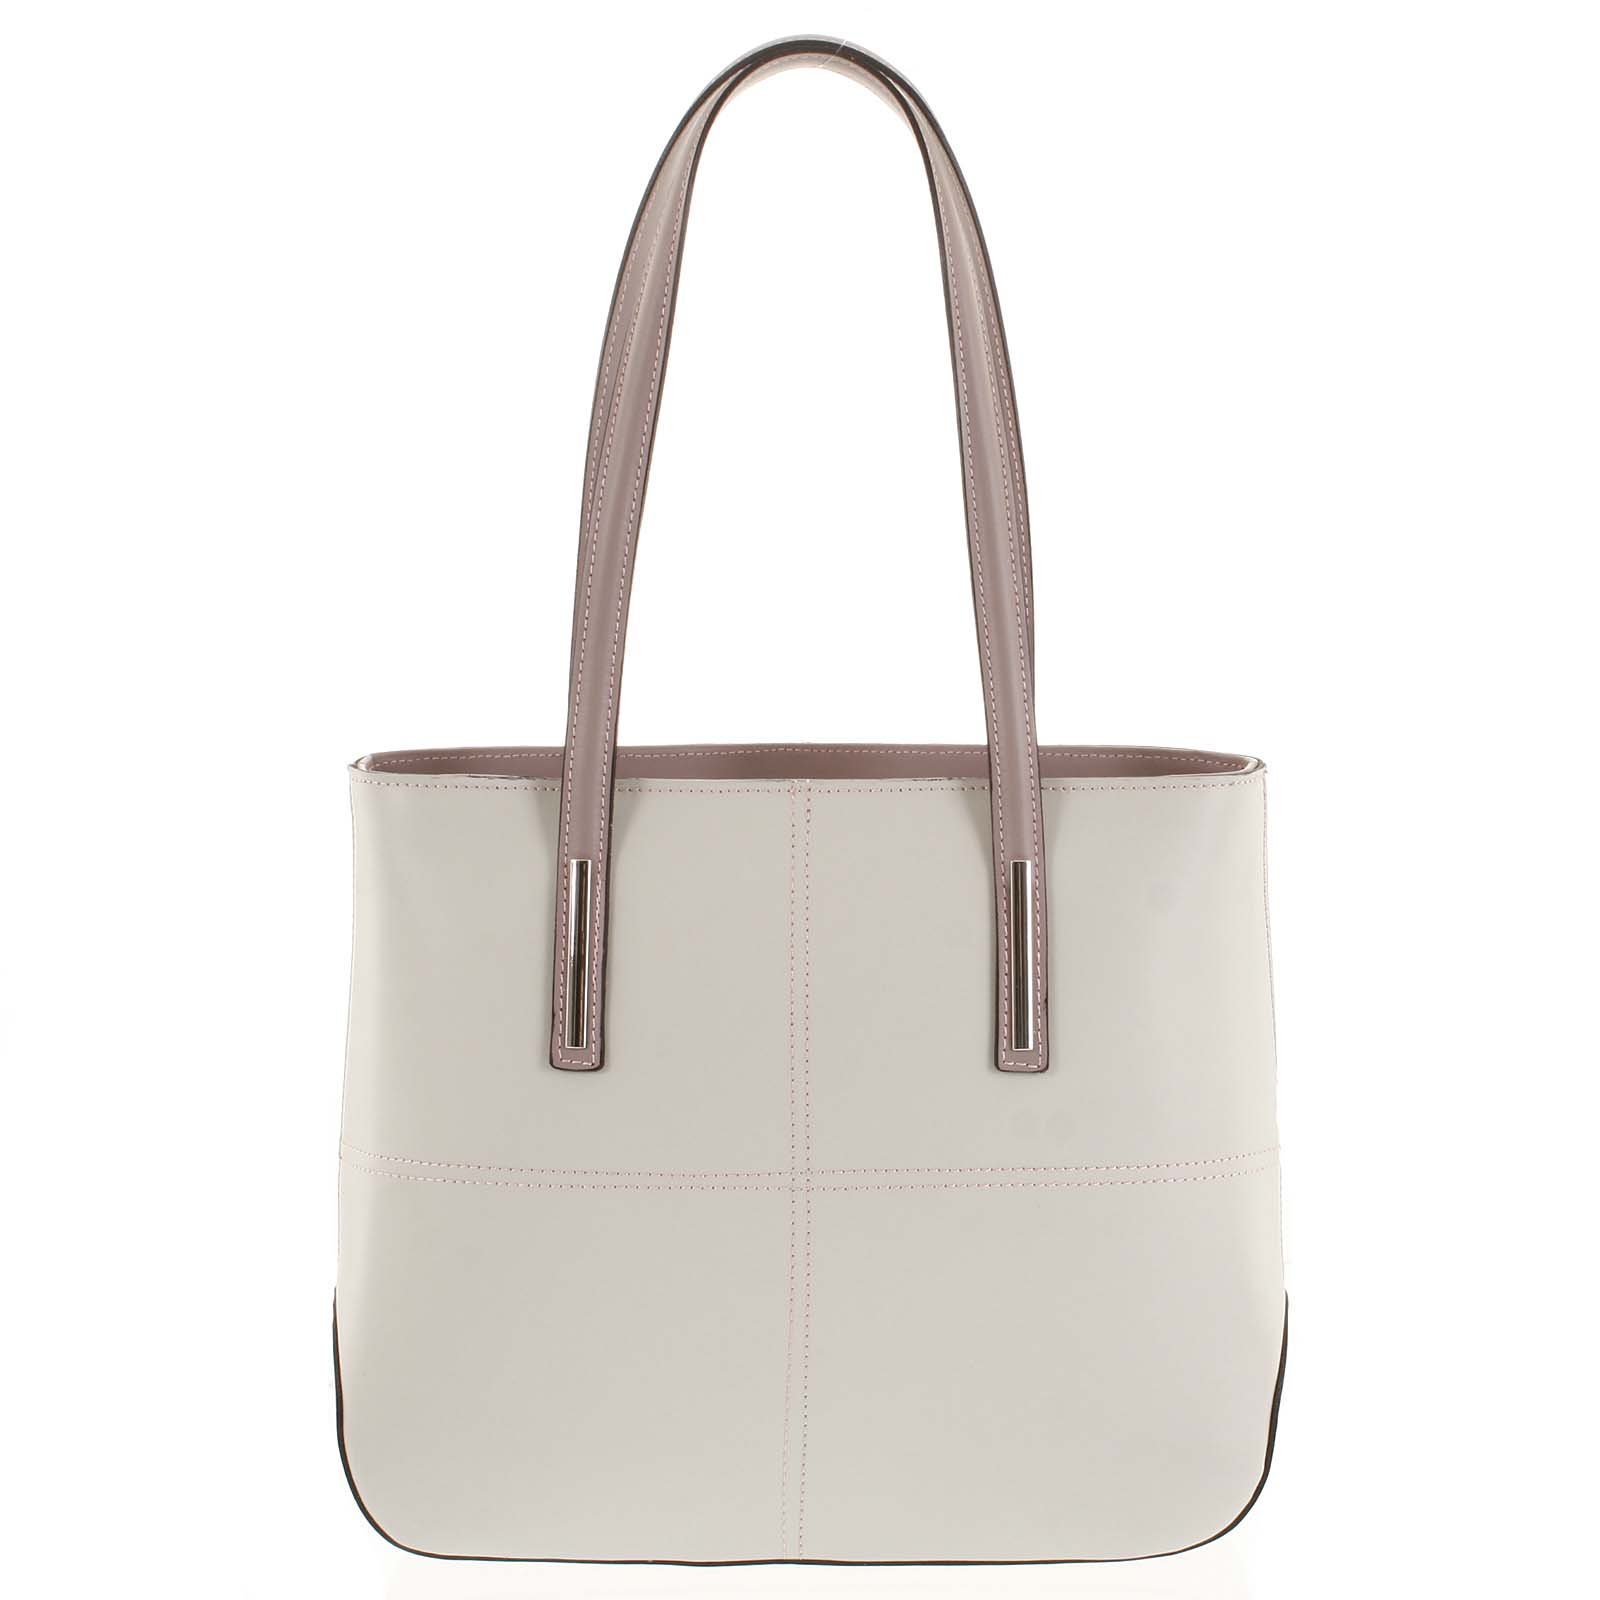 Moderná dámska kožená kabelka béžová - ItalY Adalicia